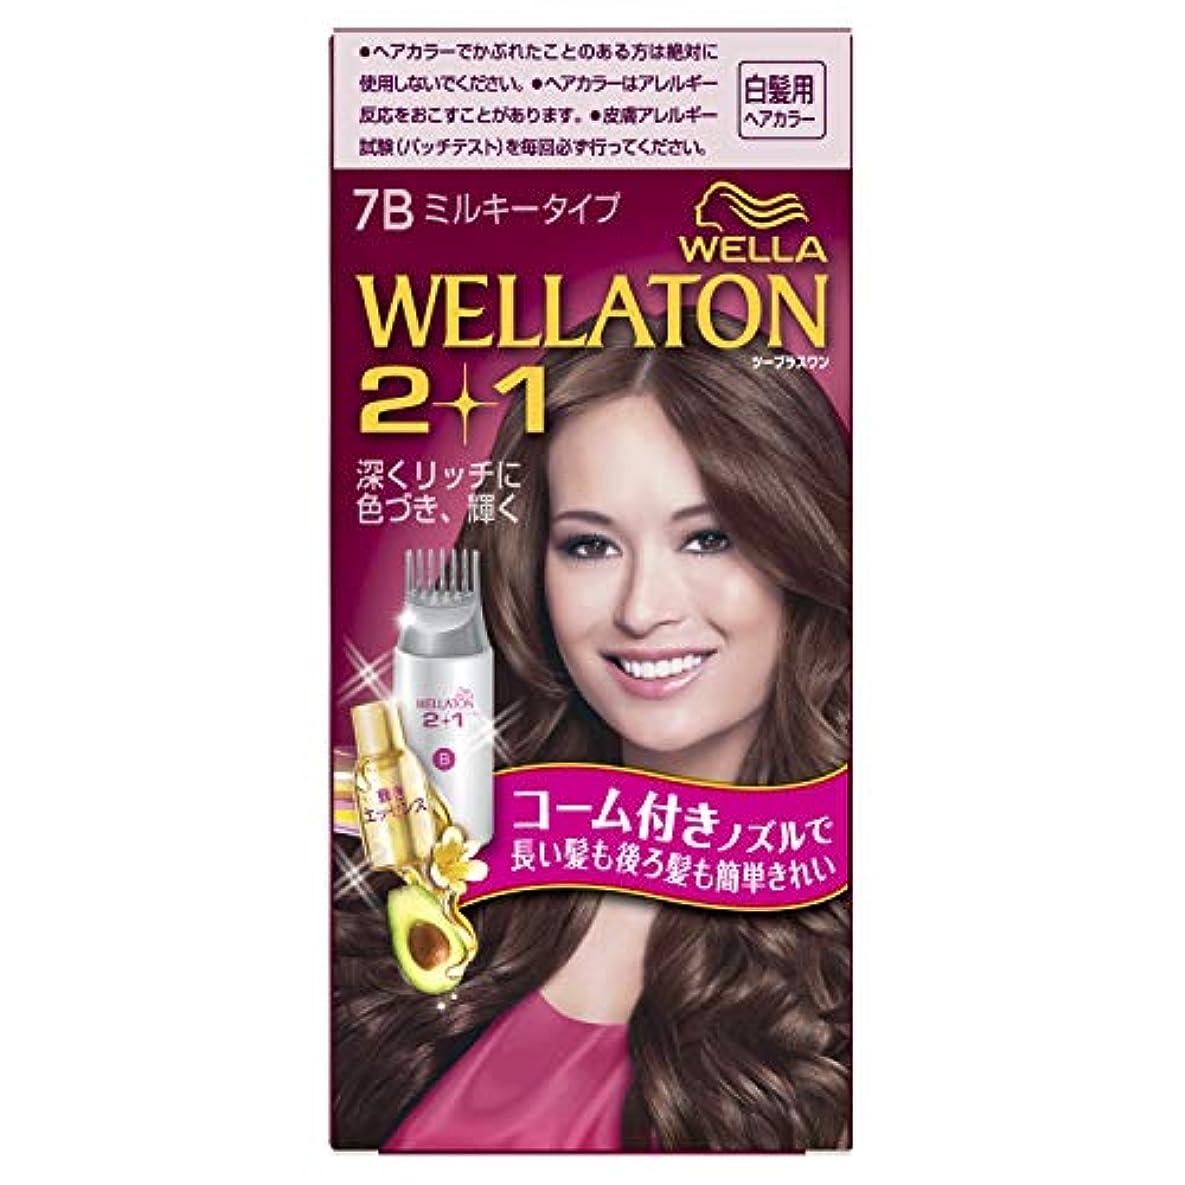 代理人民間より平らな[医薬部外品]ウエラトーン 2+1 ミルキー EX 7B 明るいピュアブラウン(おしゃれな白髪染め) 60g+60ml+5.5ml